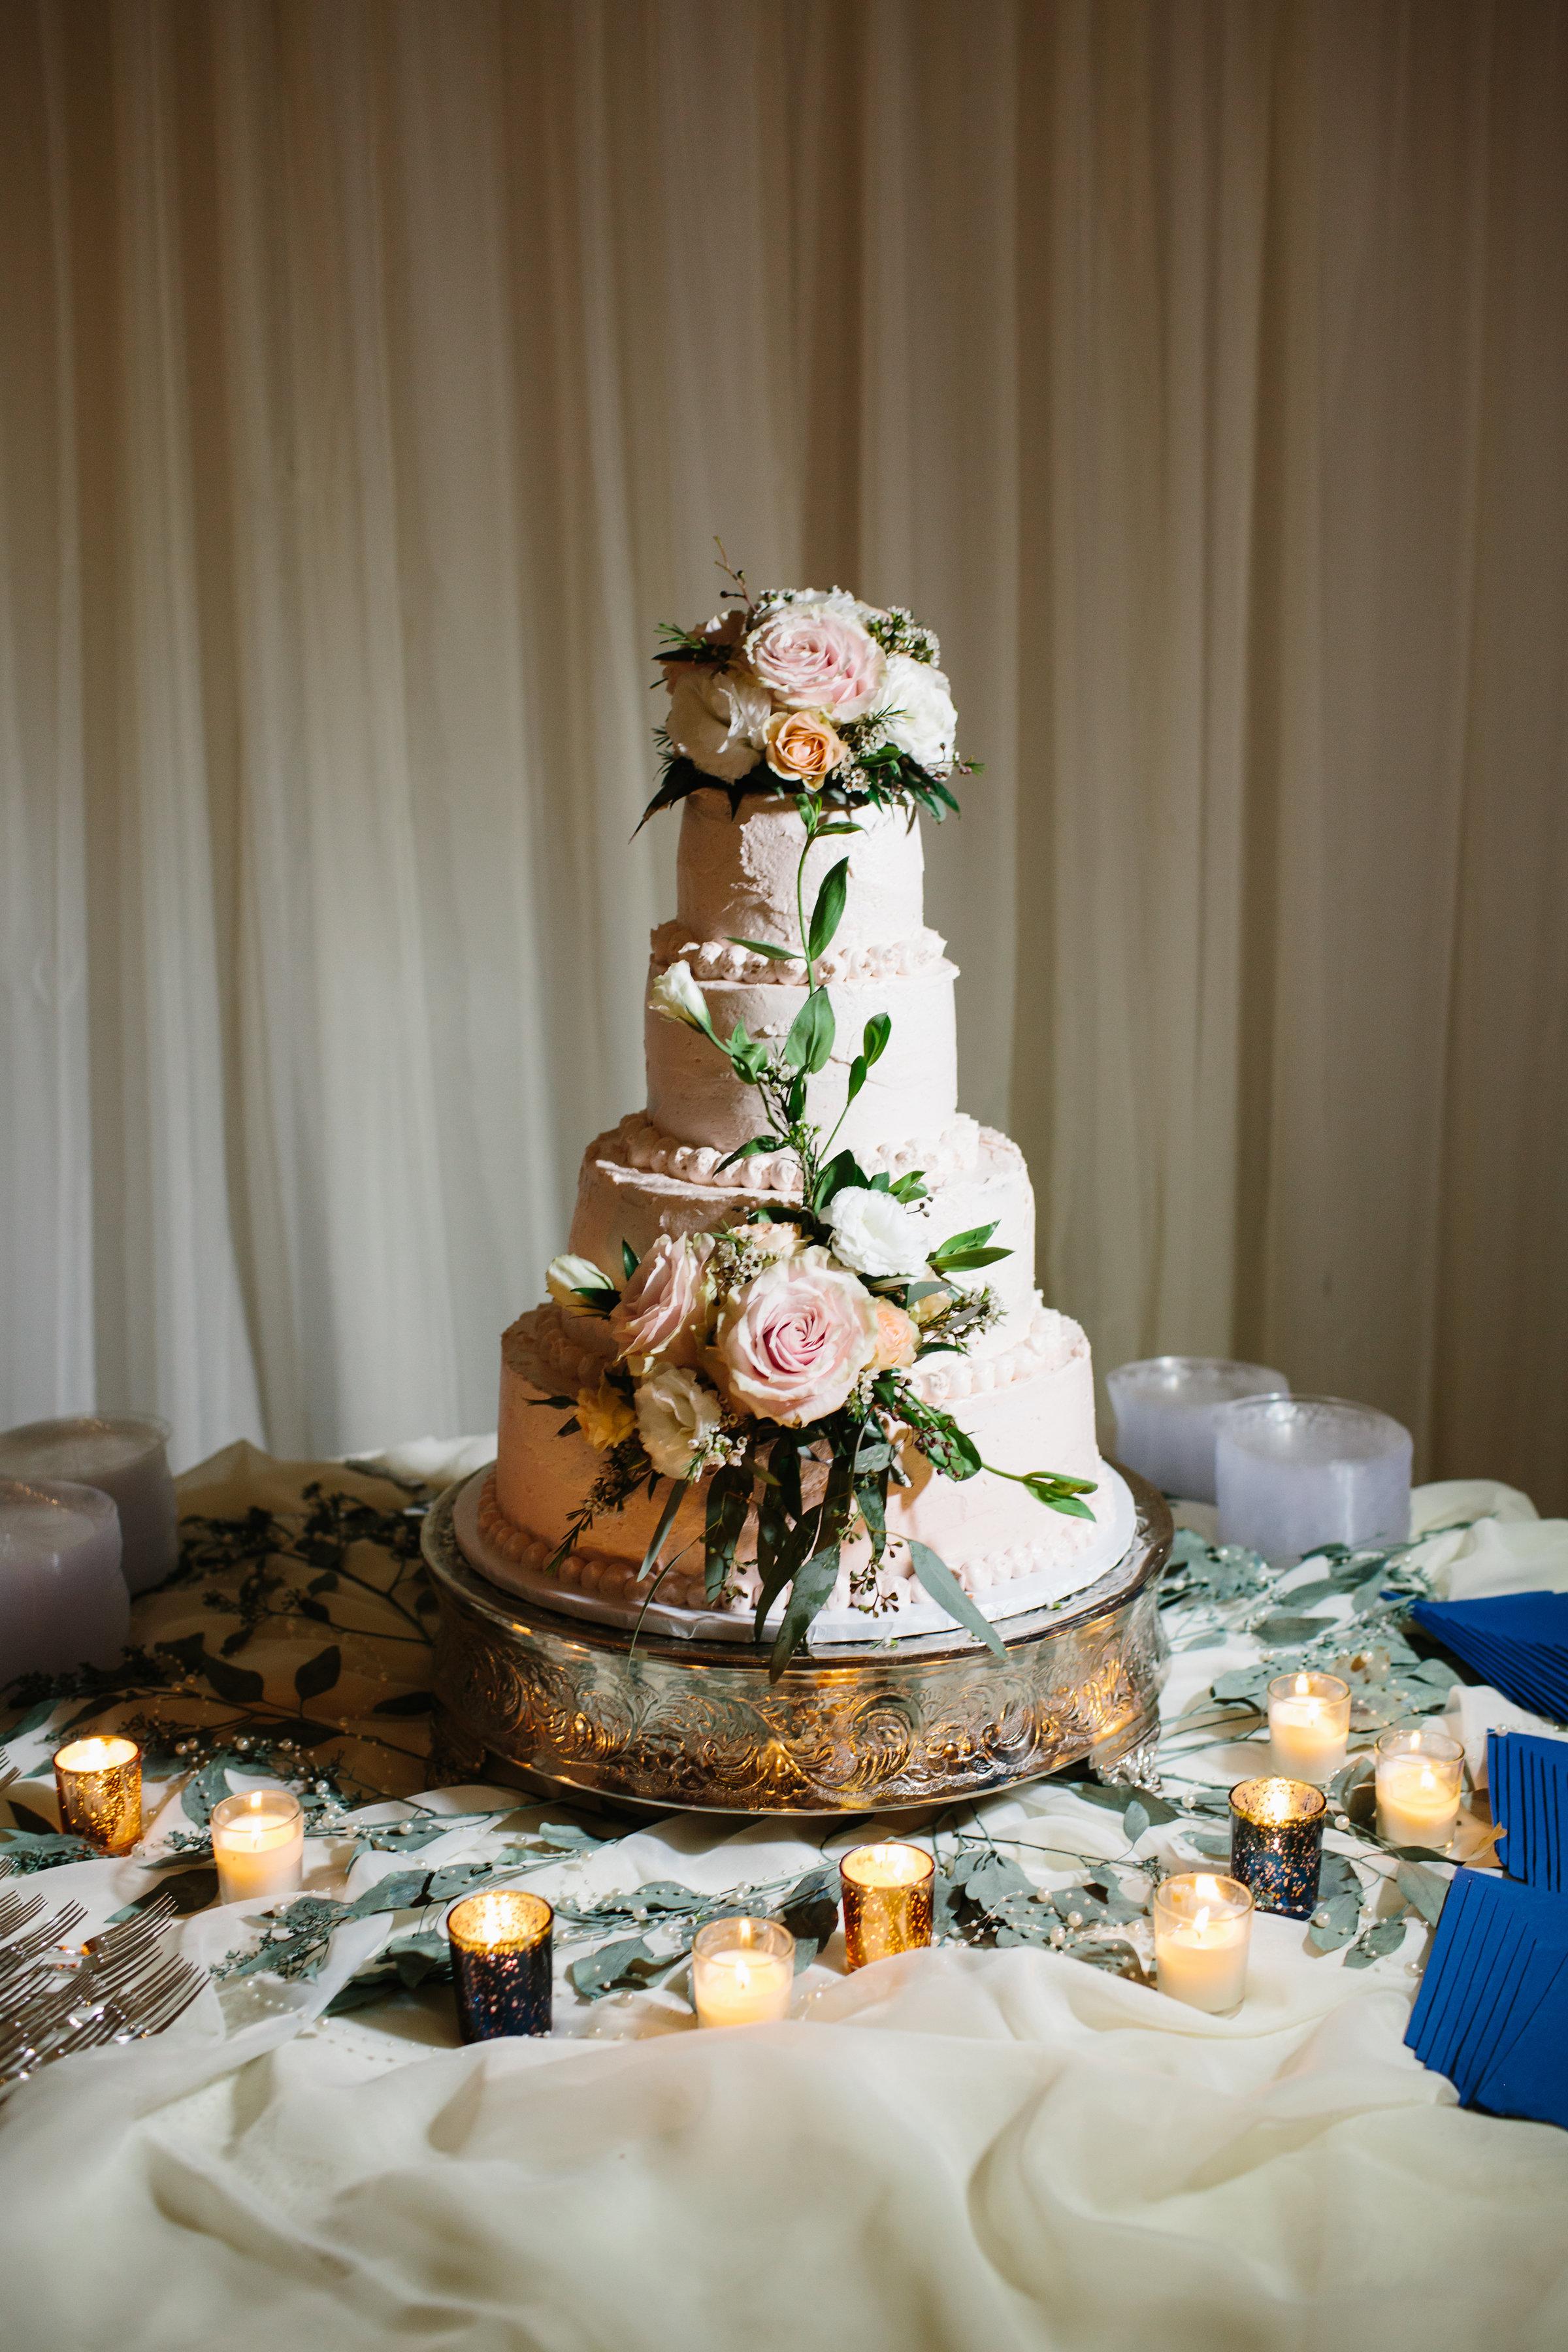 Lydia_johnathan_Wedding_Abigail_Malone_Photography-587